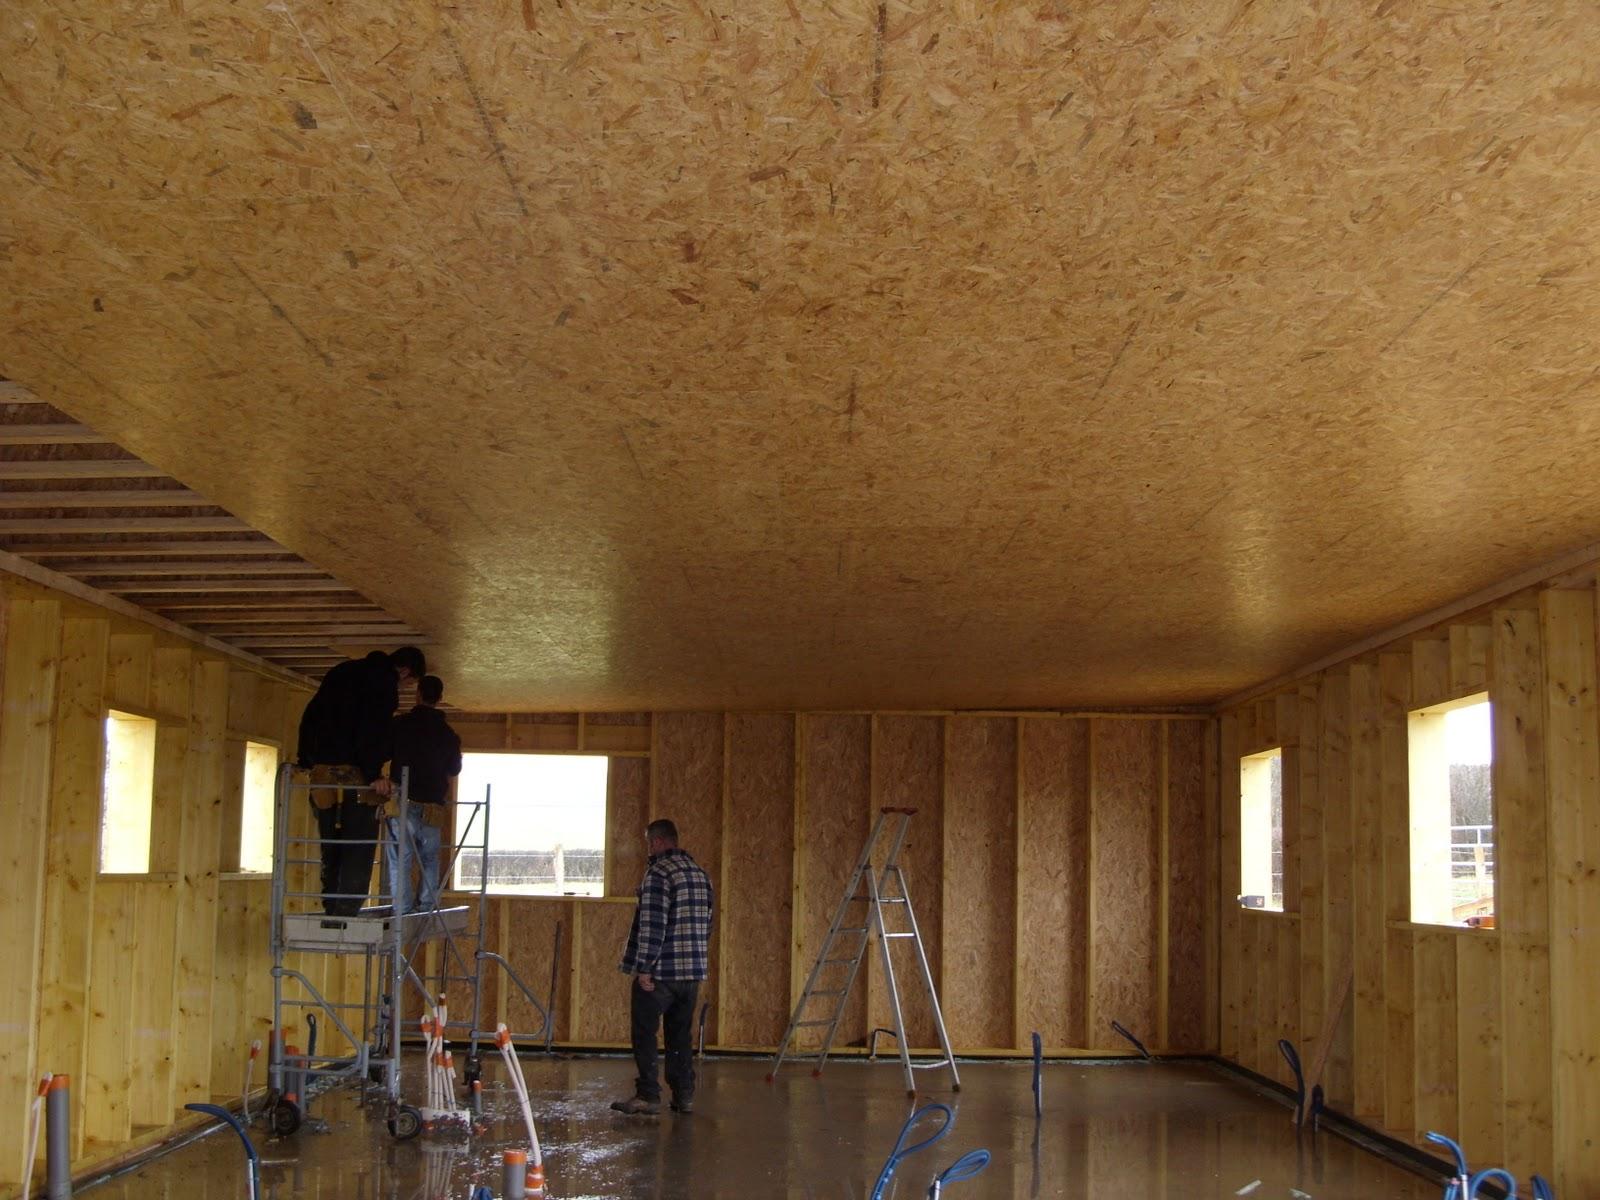 vivre en bois toit du garage pr paration de l 39 tanch it. Black Bedroom Furniture Sets. Home Design Ideas